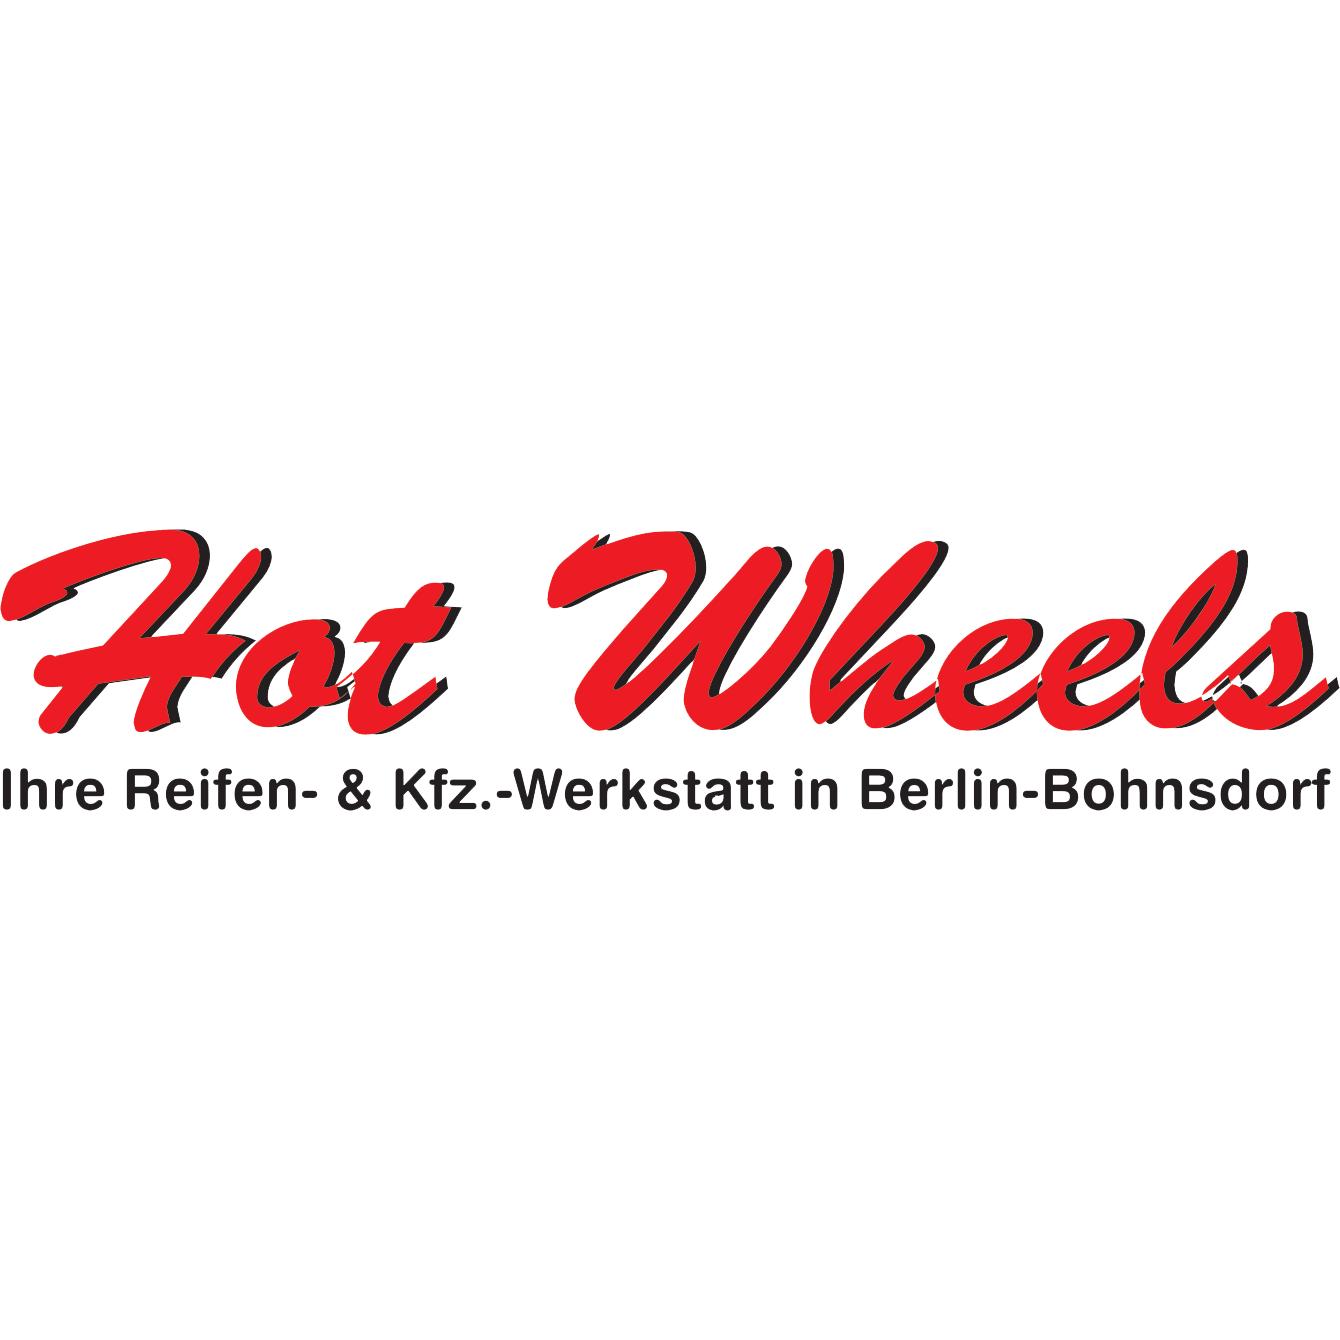 Reifen Schönefeld, Autoreifen Schönefeld - meinestadt.de